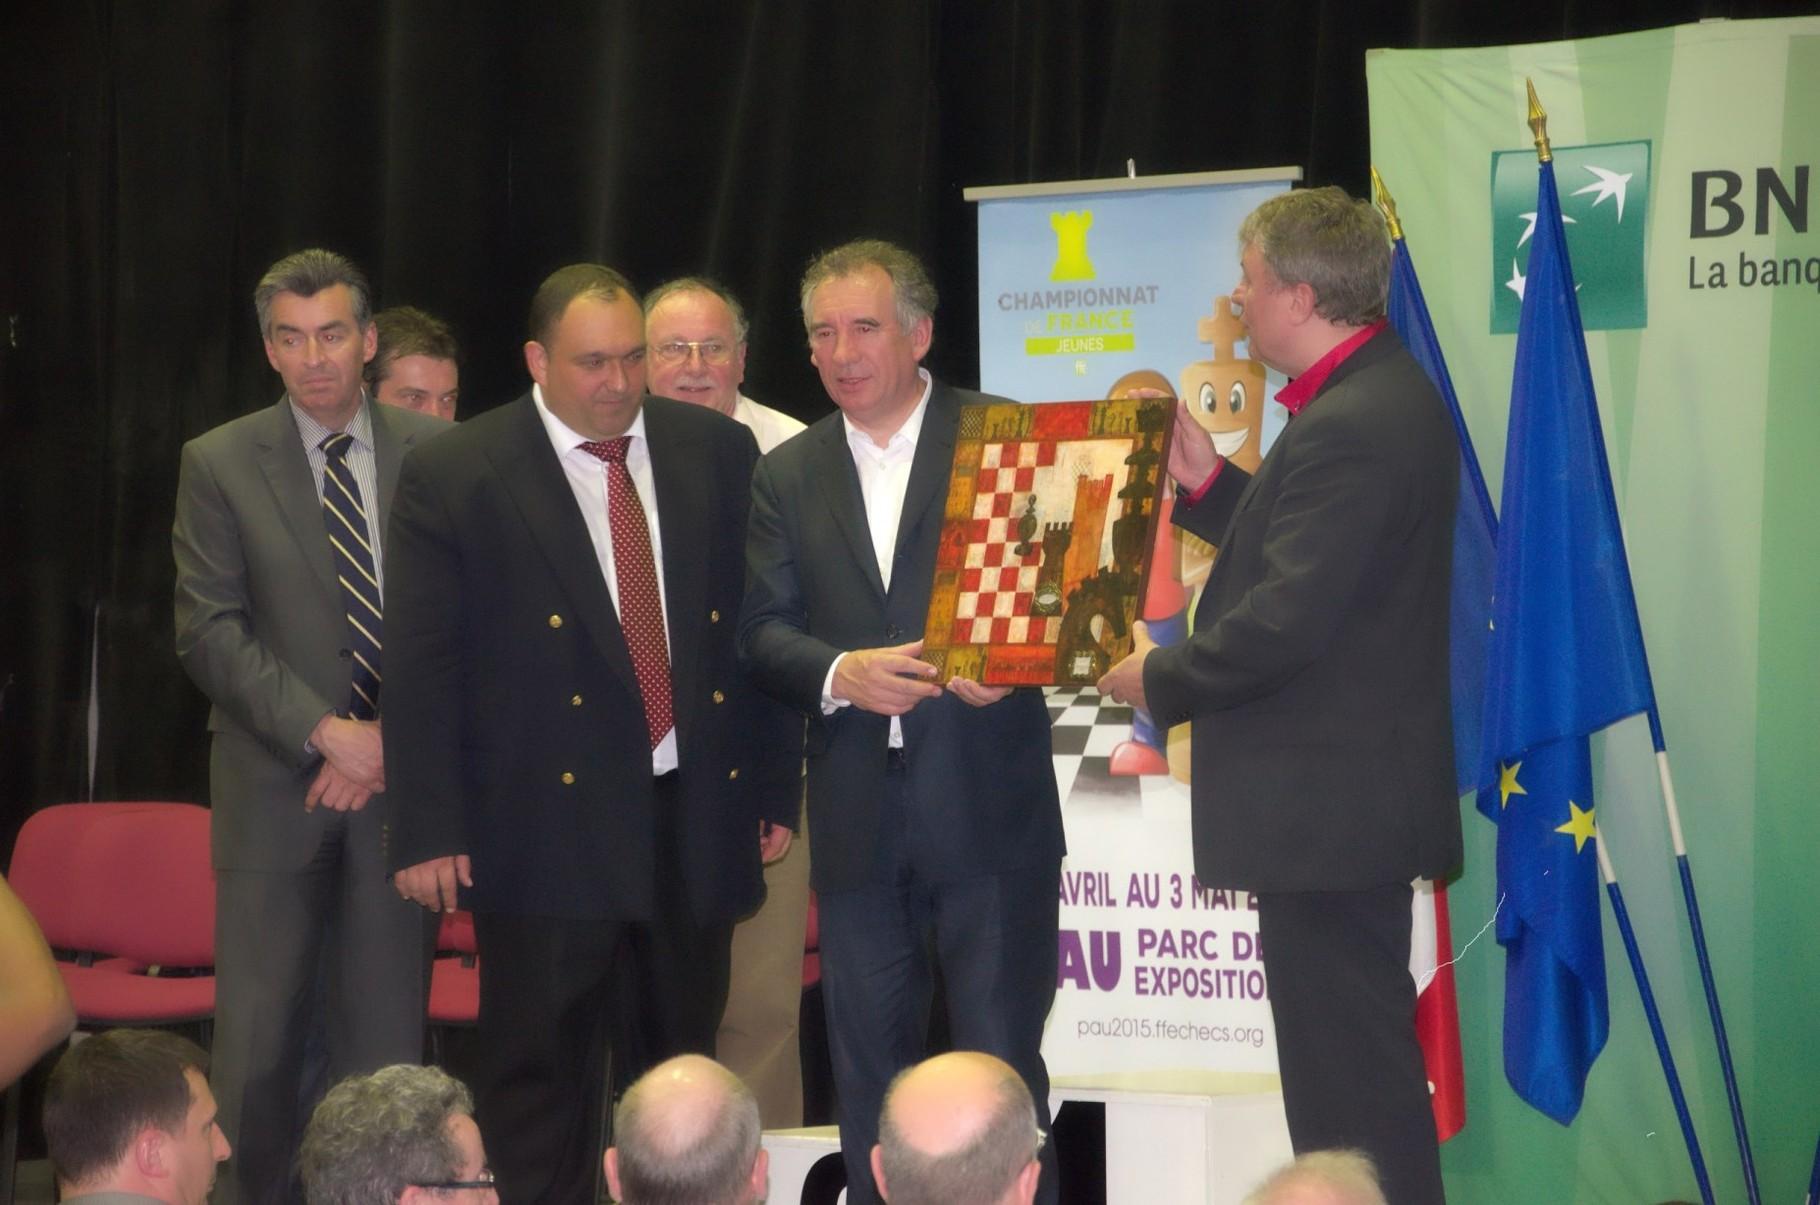 Passage de témoin entre François Bayrou et le maire de Gonfreville